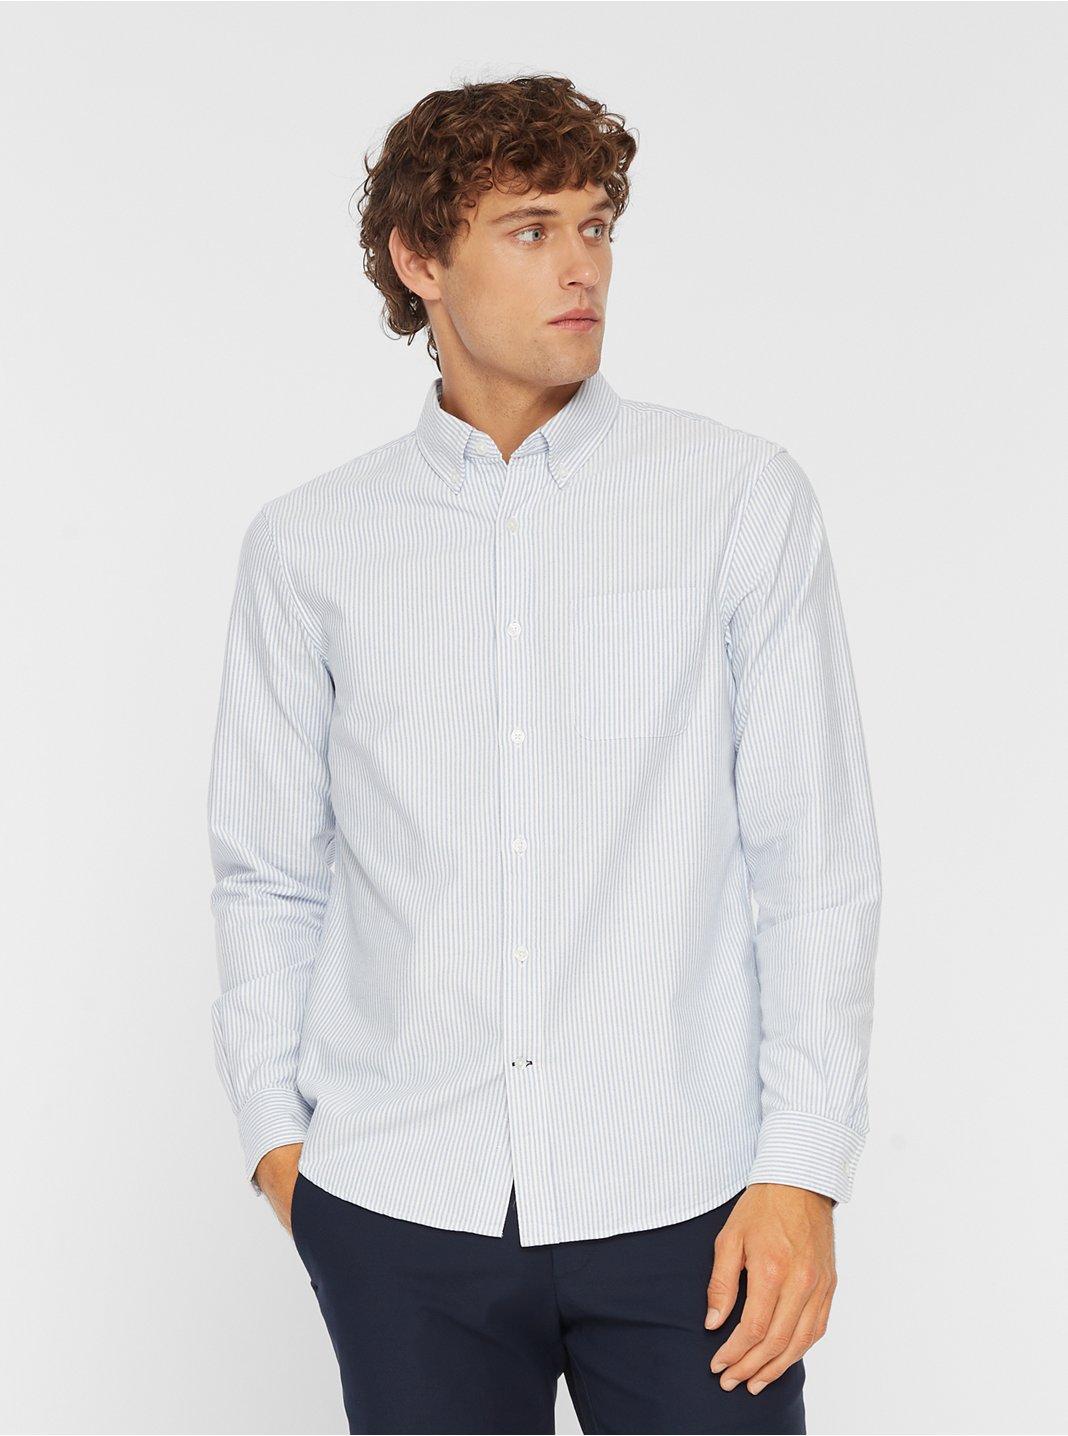 클럽 모나코 맨 옥스포드 스트라이프 셔츠 Club Monaco Oxford Stripe Shirt,White/Blue